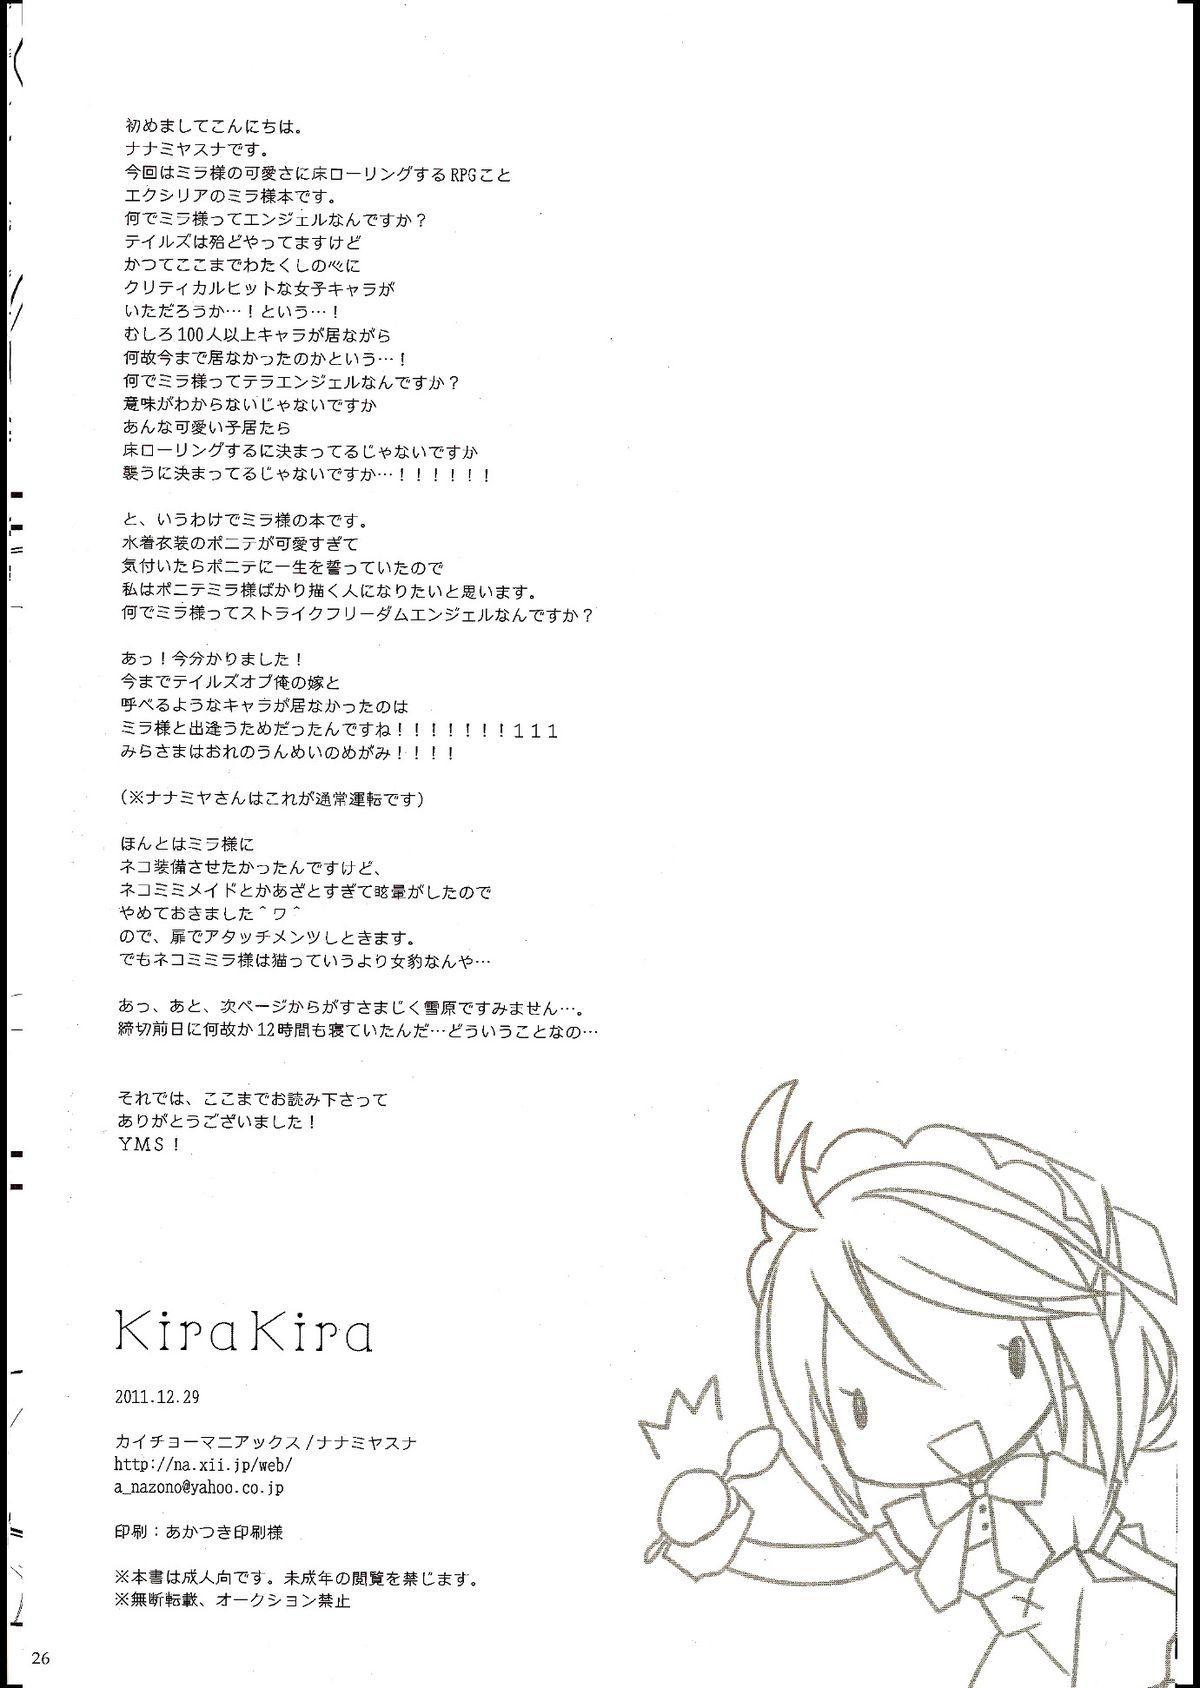 KiraKira 23